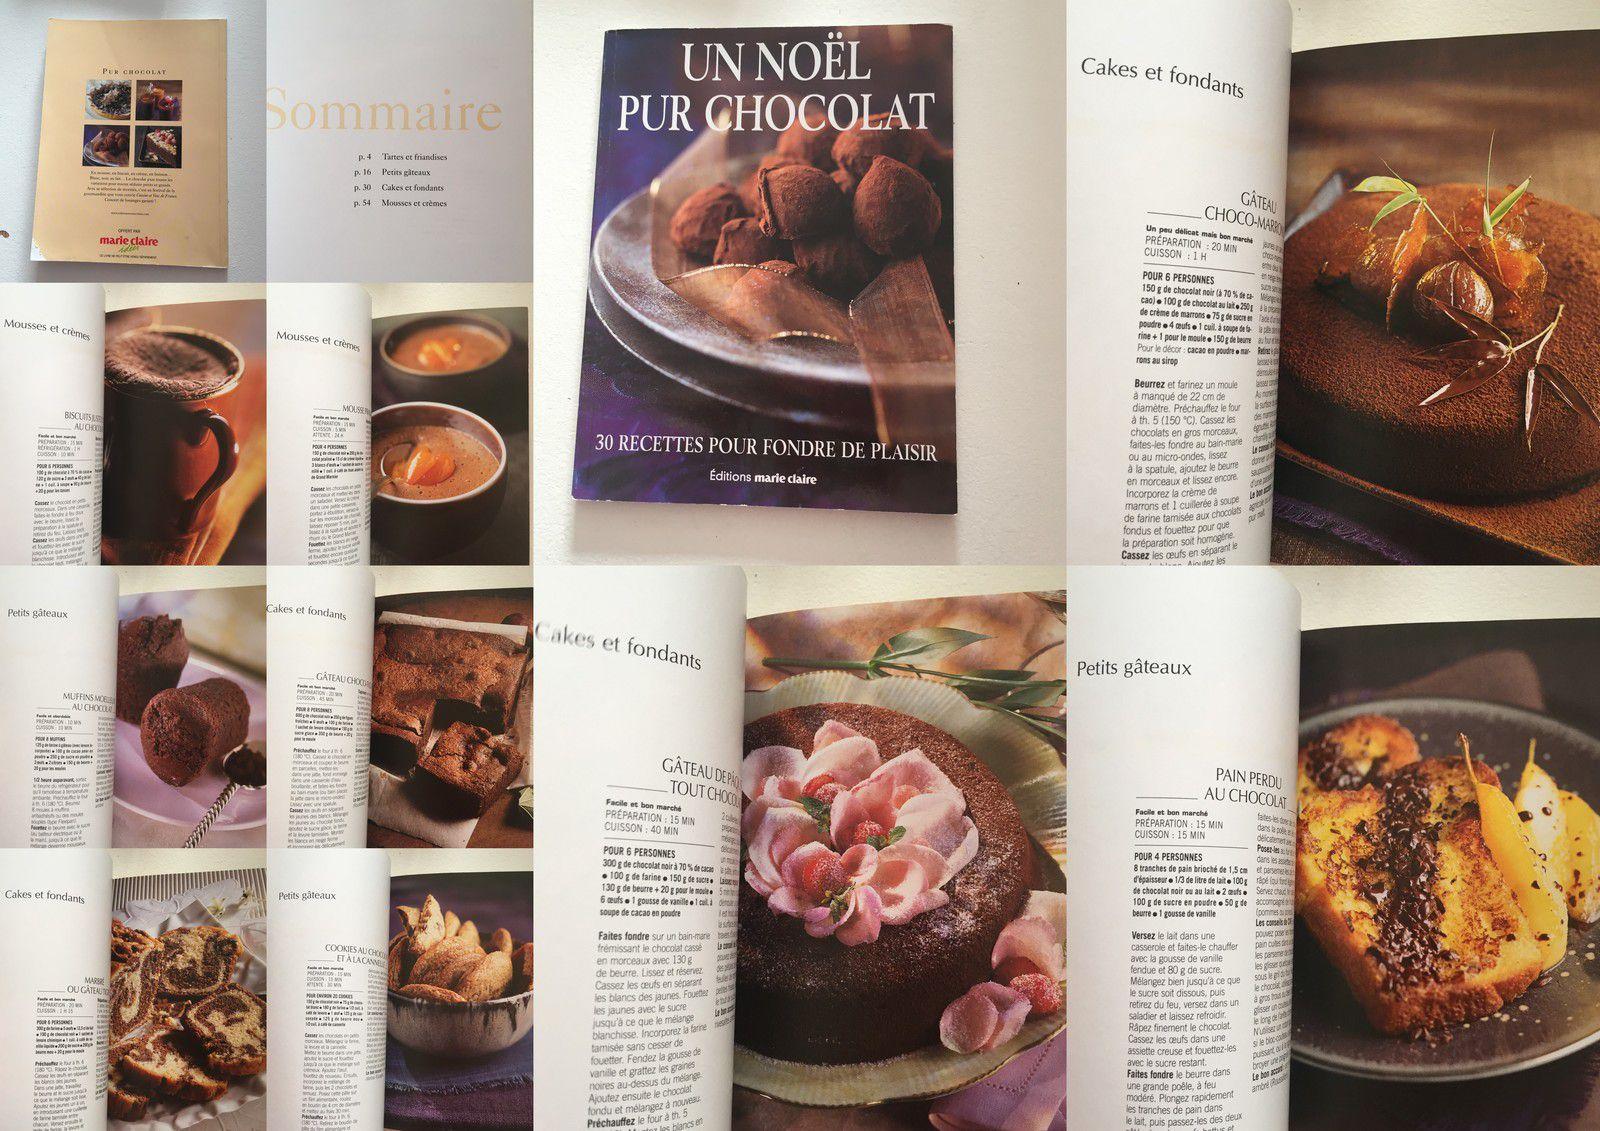 livre recettes  noel pur chocolat,recettes: tartes , friandises, cakes, fondants, mousse, crème, marie-claire, sur charlotteblabla blog